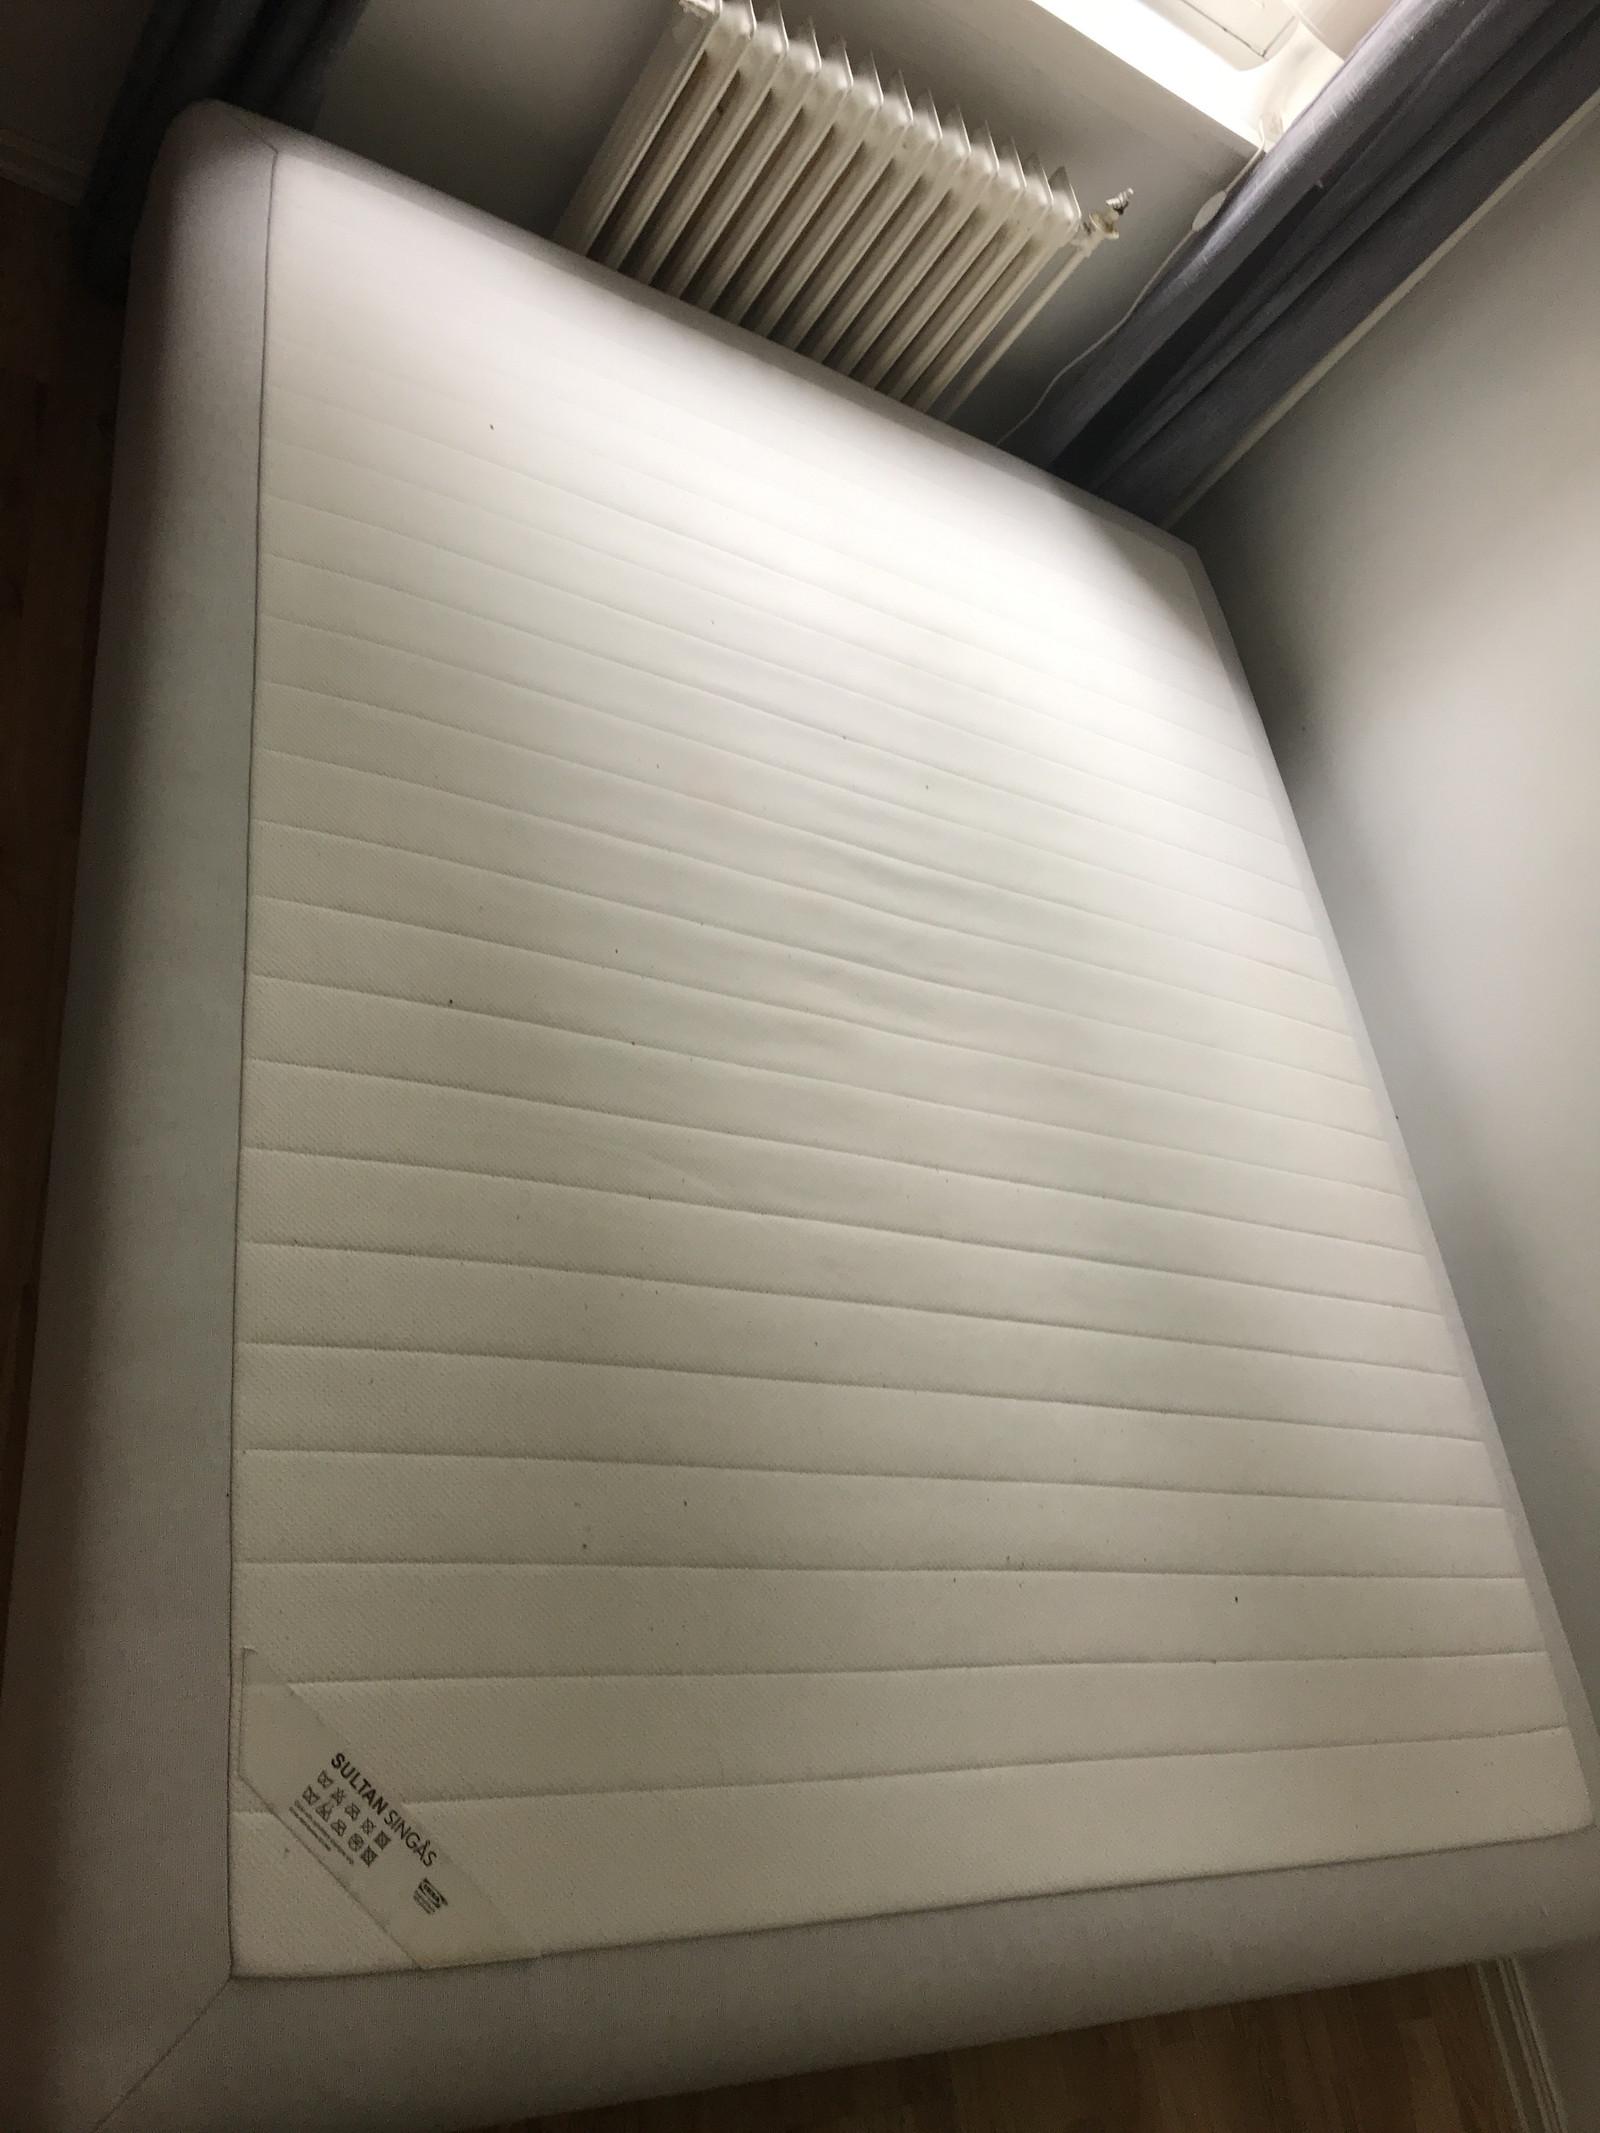 Højmoderne 140 cm bred Sultan Singås-seng fra IKEA. JEG KAN KJØRE SENGEN HC-83